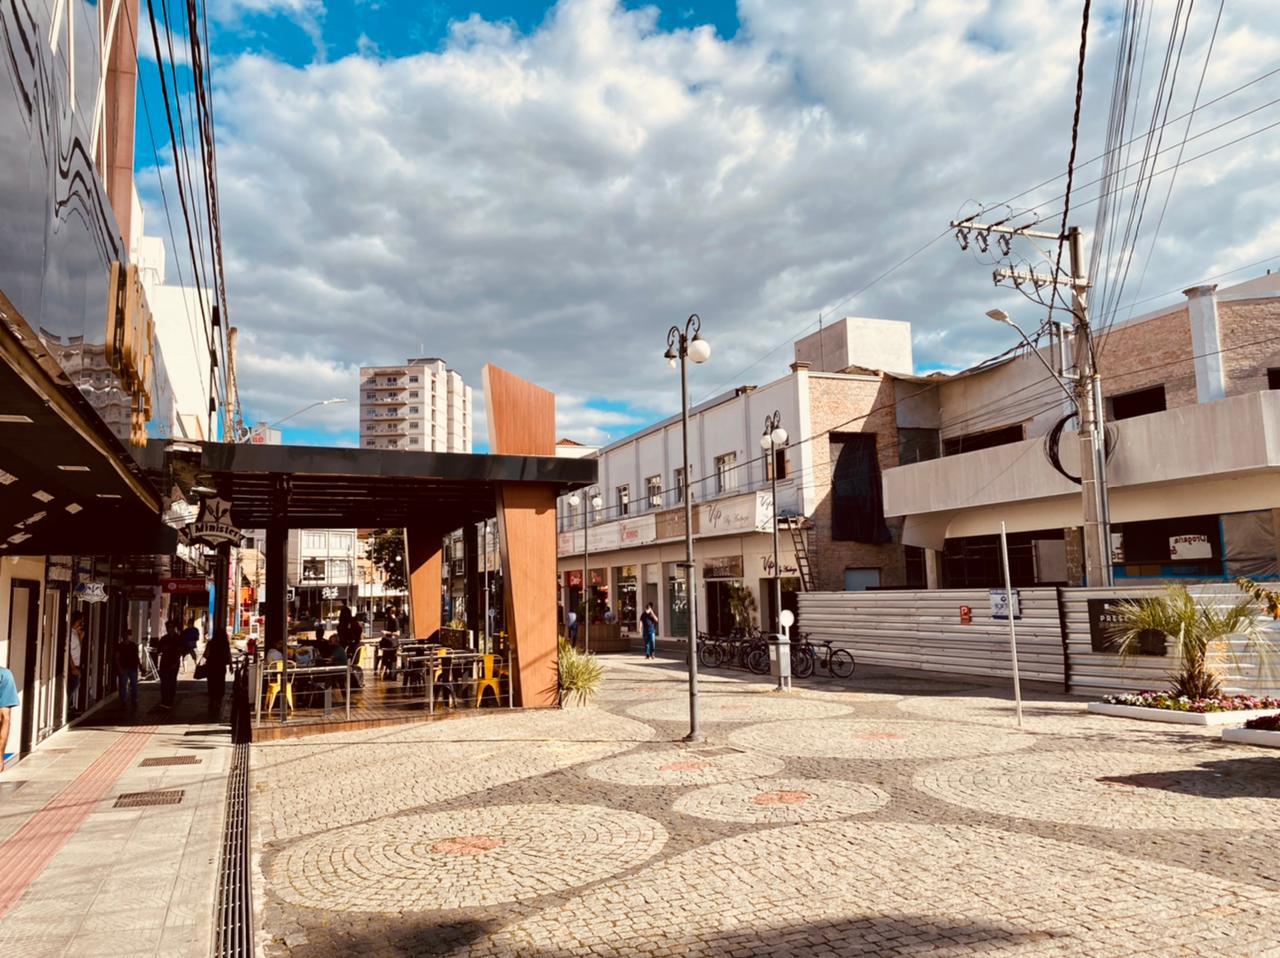 Região central de Rio do Sul - Moisés Stuker / NDTV Blumenau